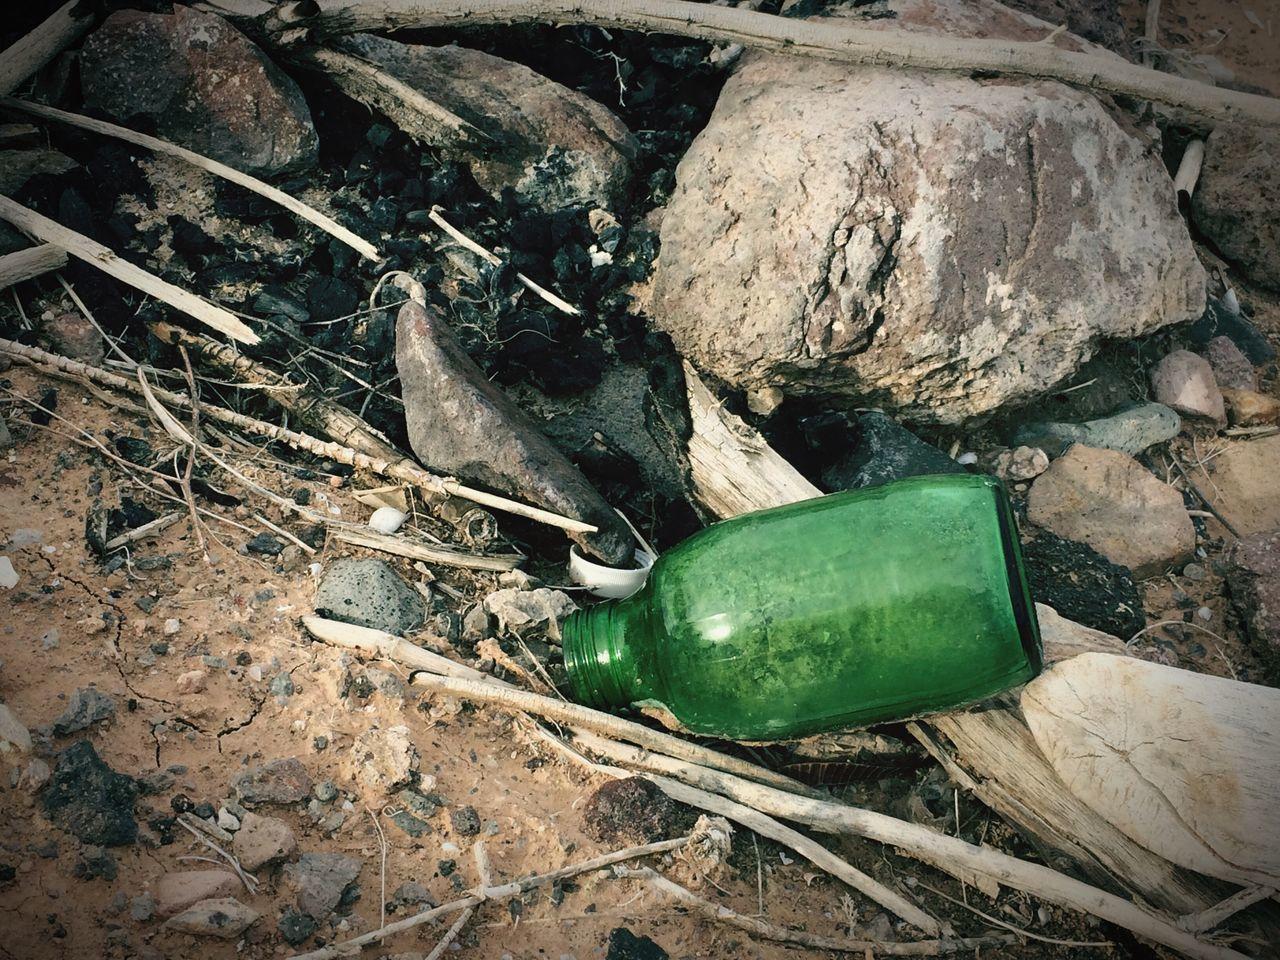 Message In A Bottle Green Color Green Bottle Lost Weekend Lost Bottle